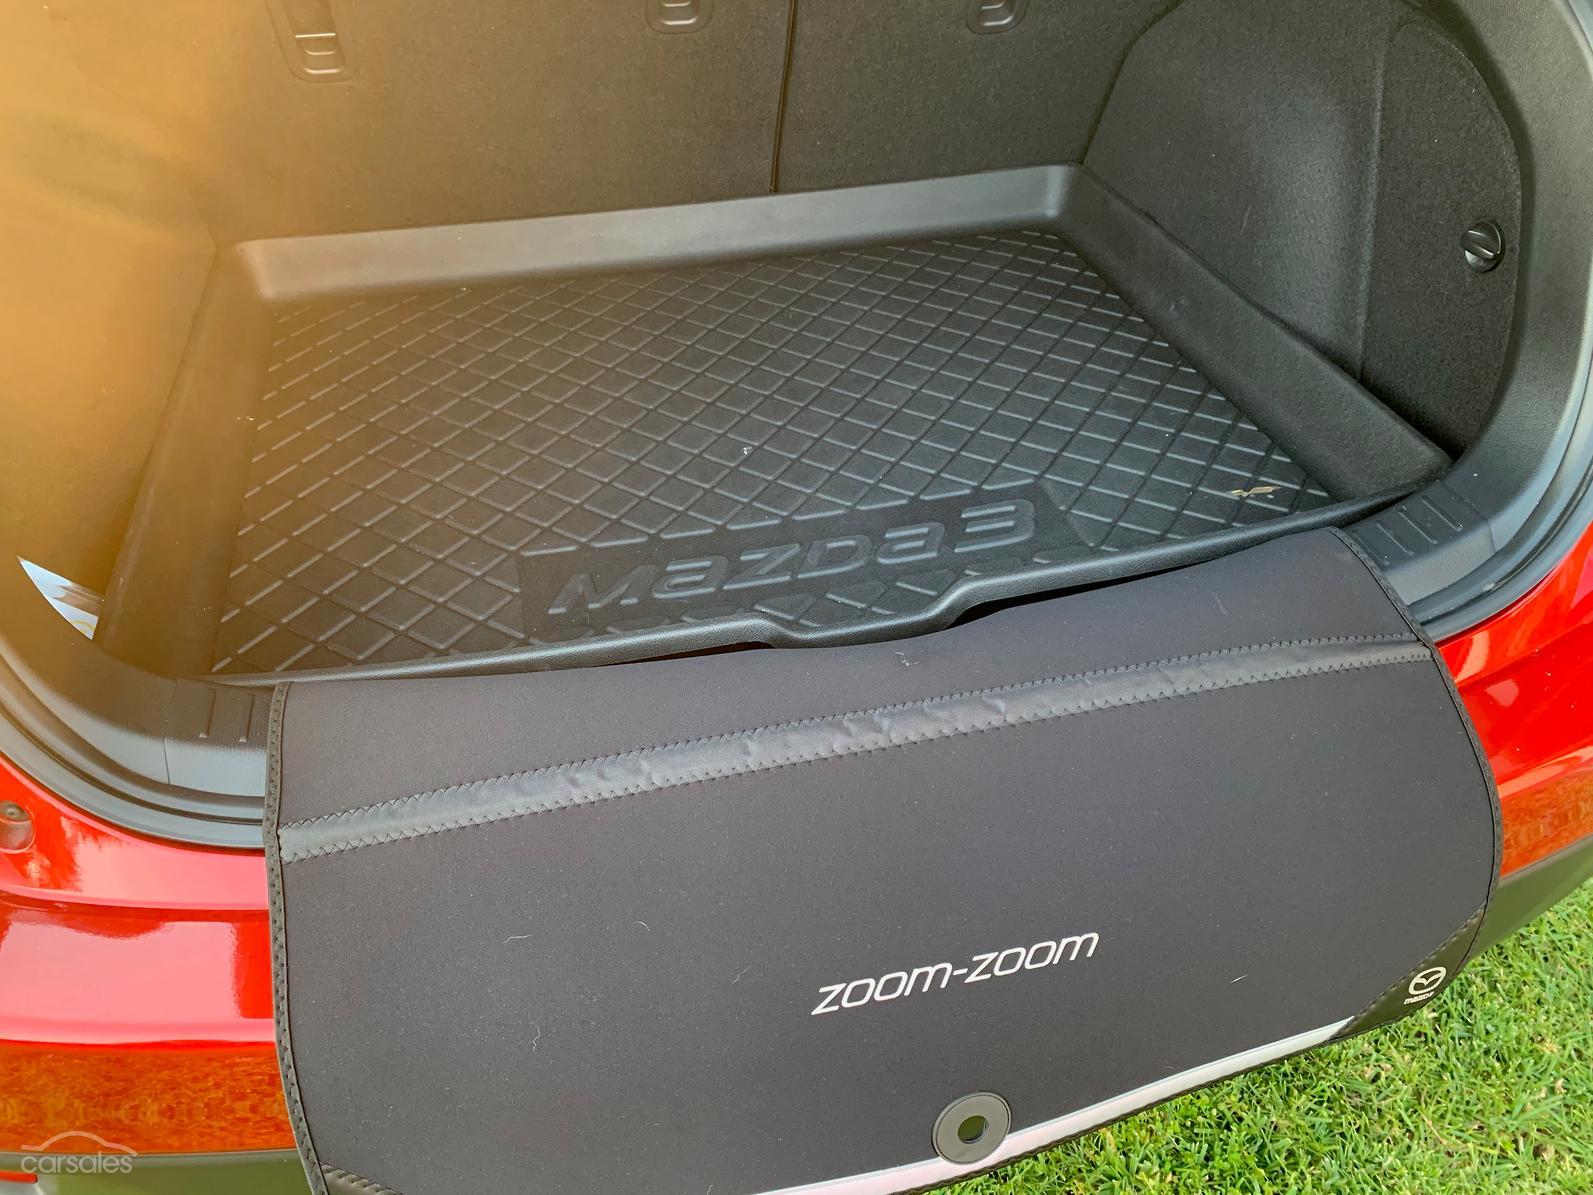 2015 Mazda 3 SP25 GT BM Series Auto-SSE-AD-6238638